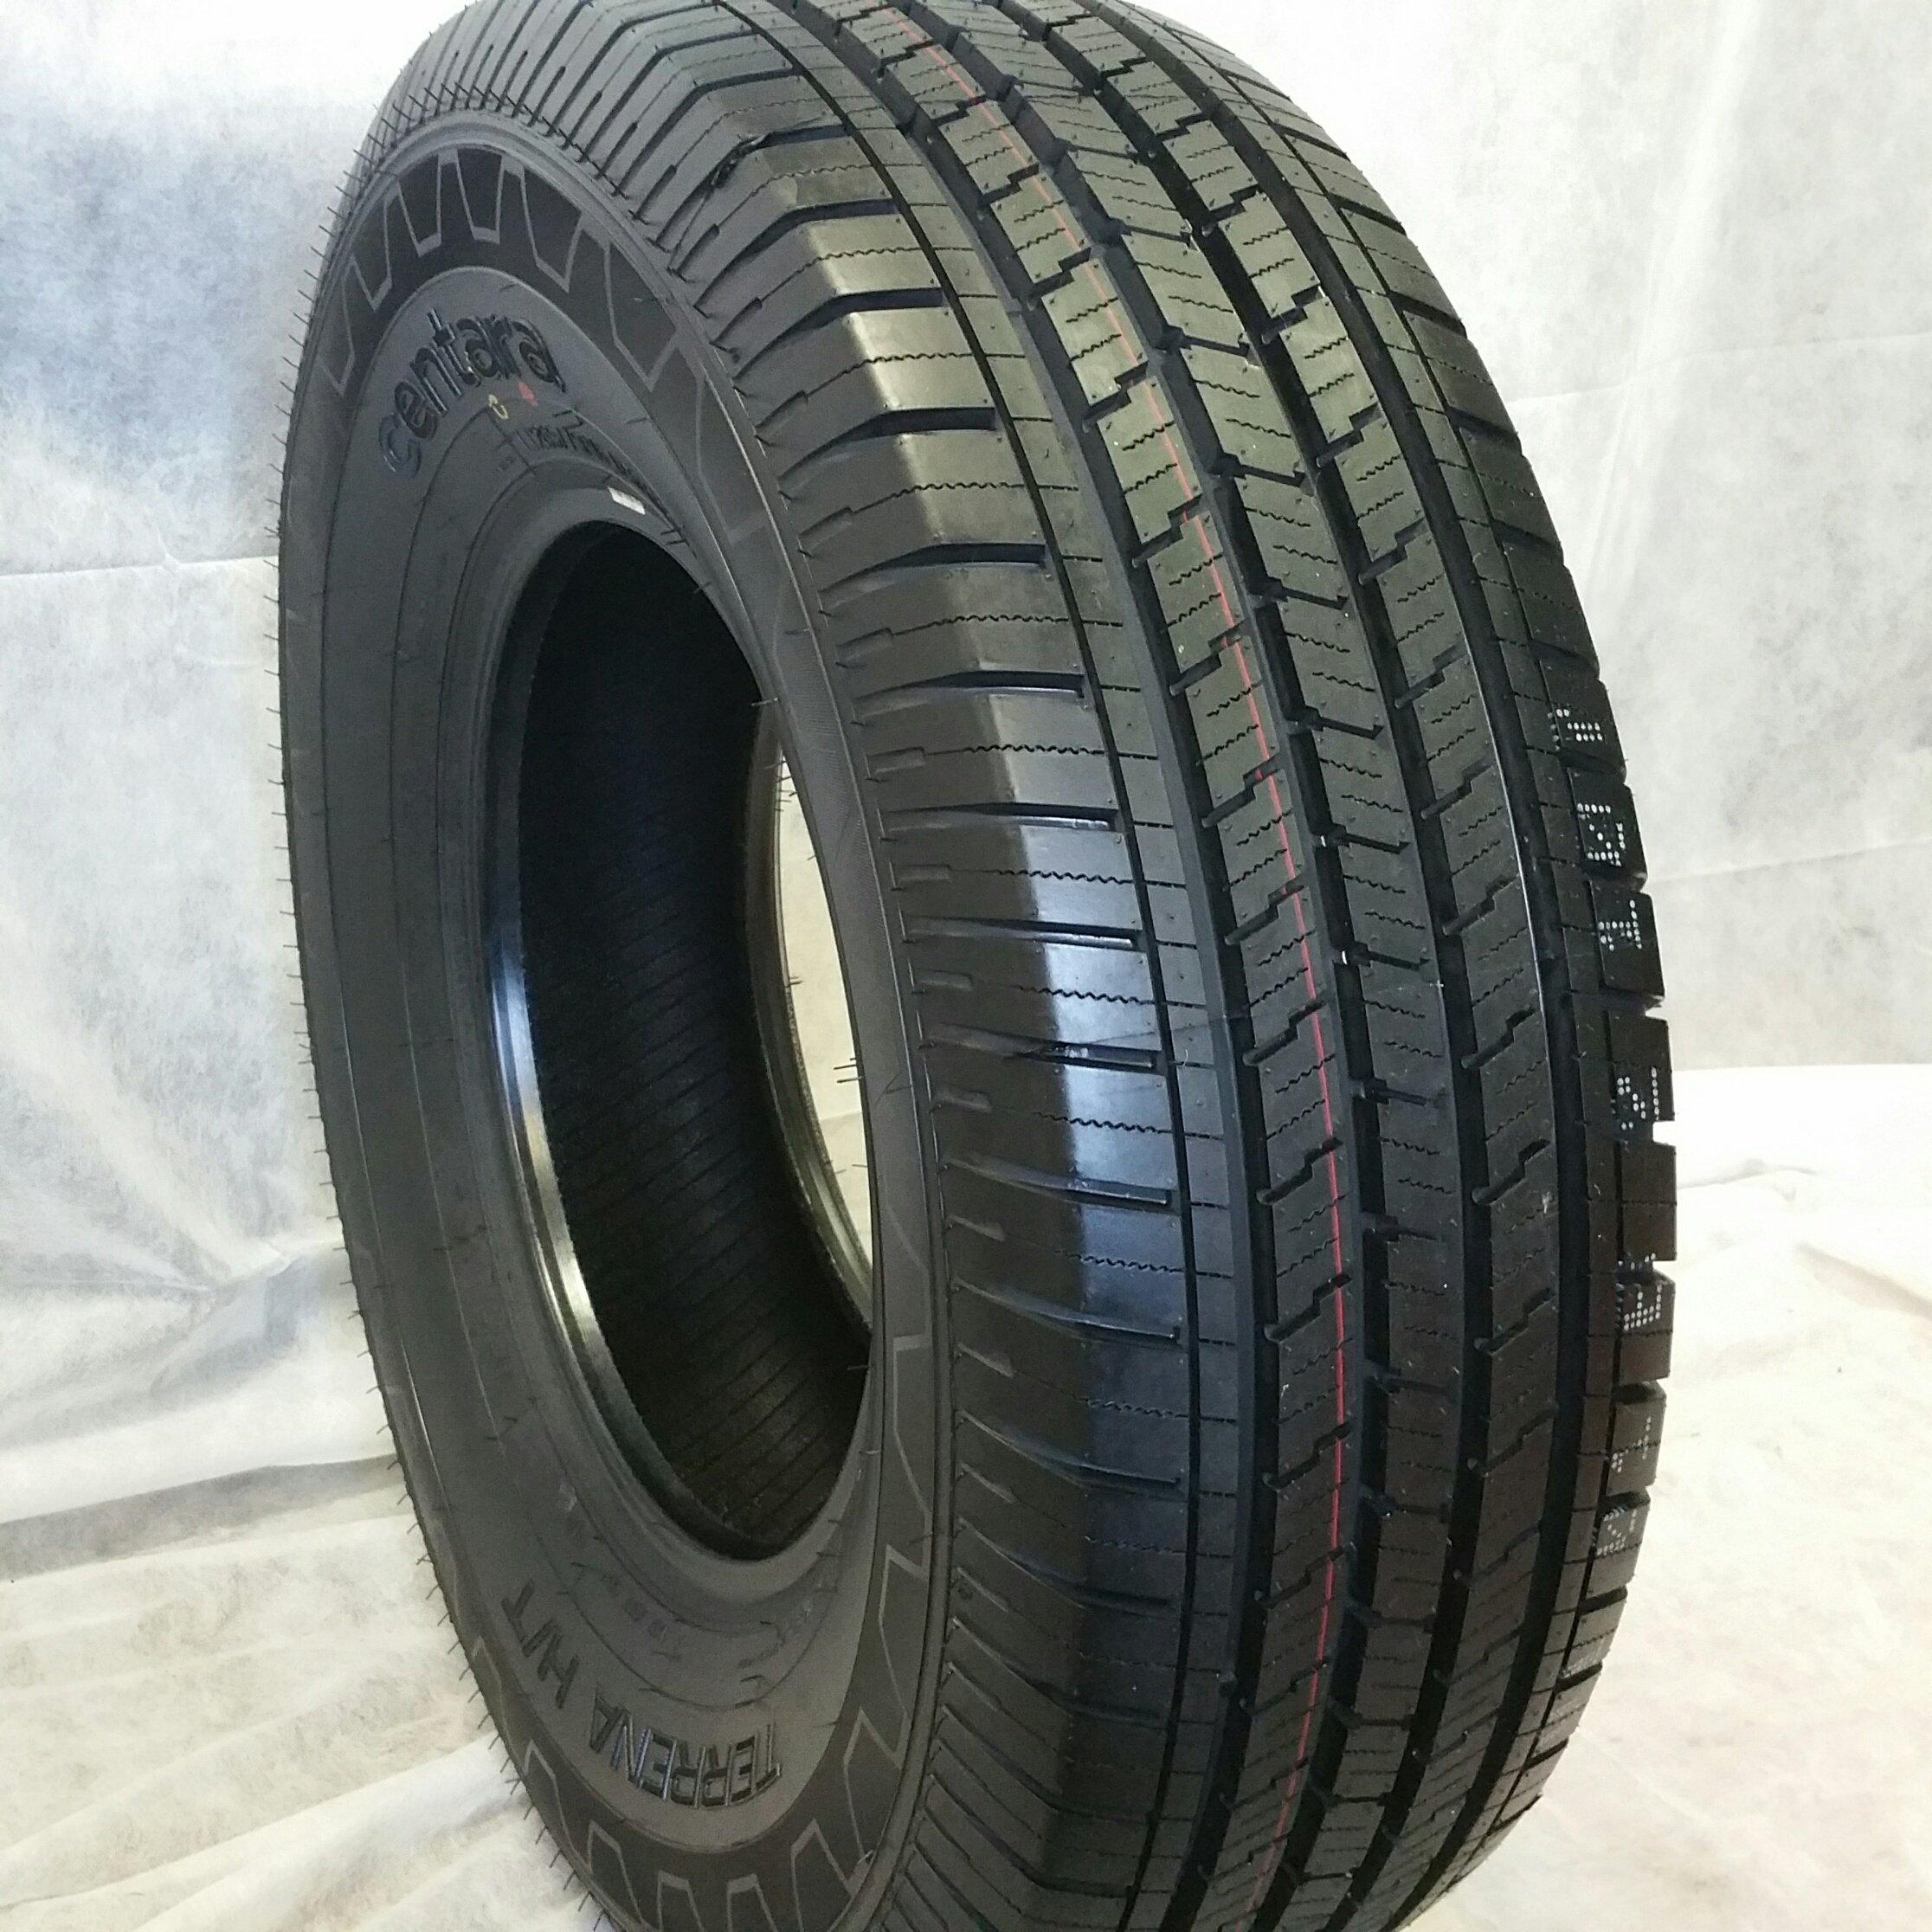 4-Tires-LT245-75R16-E-10-120-116S-New-ROAD-WARRIOR-JR-RX718-Tires-2457516